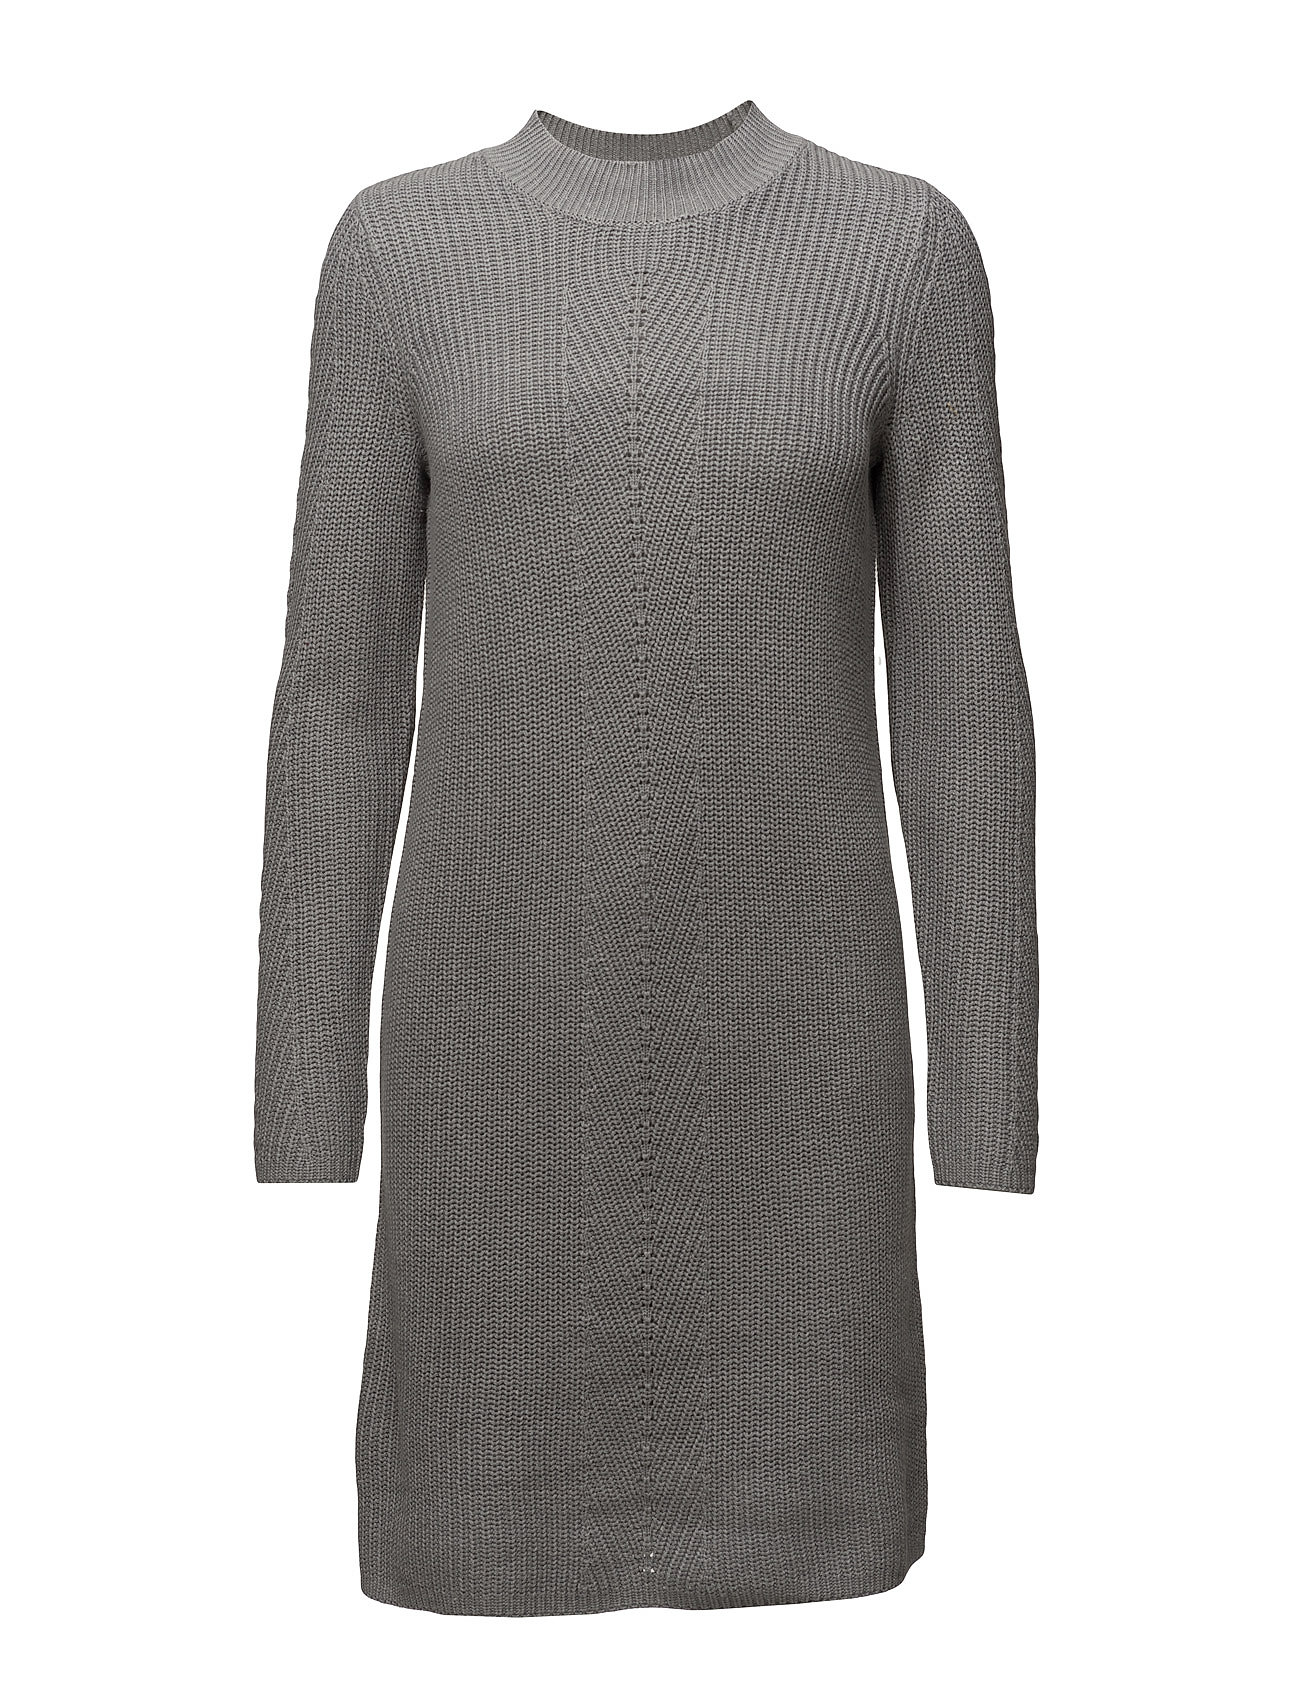 Dresses Flat Knitted Esprit Casual Knælange & mellemlange til Damer i